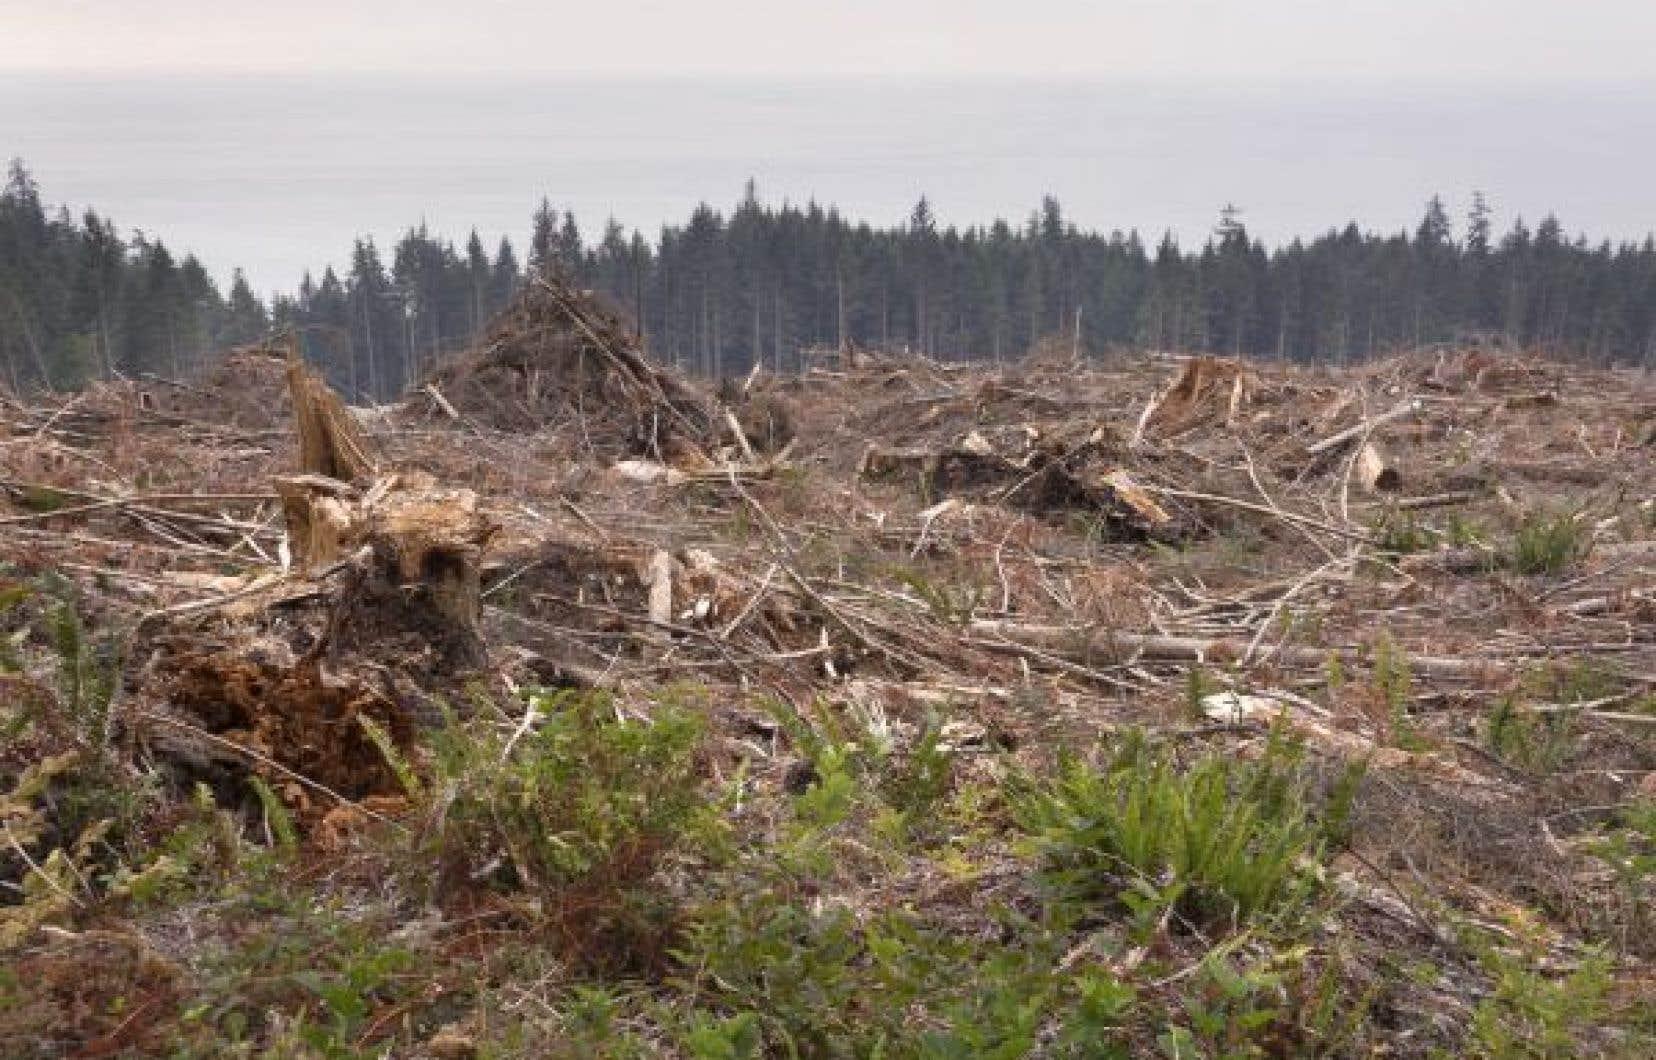 Plusieurs activités humaines détruisent à une vitesse inquiétante les habitats naturels de millions d'espèces animales à travers la planète.